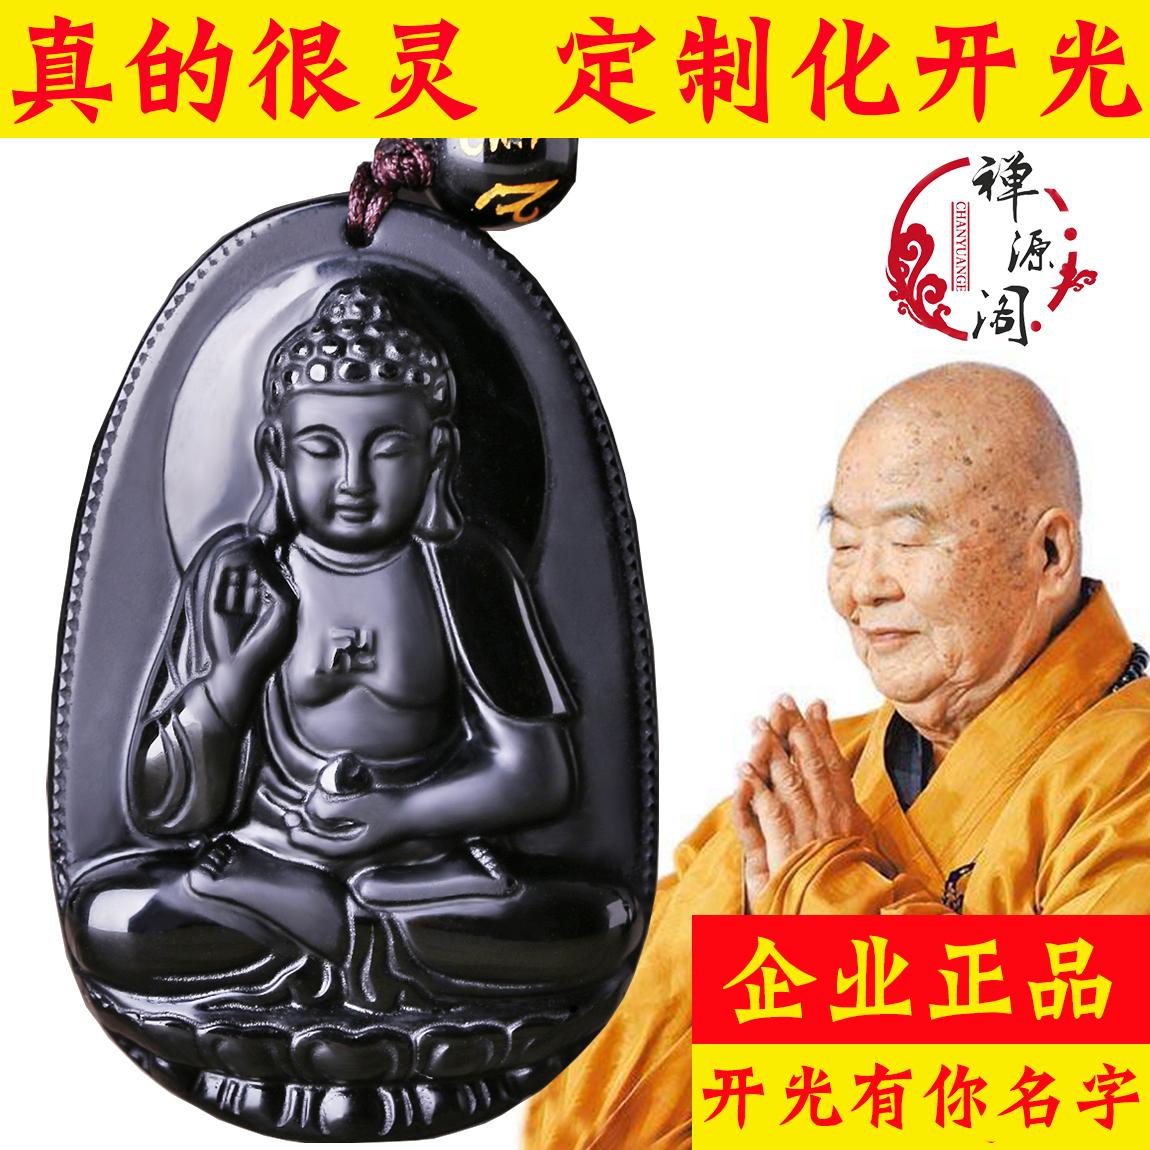 Амитабха . открытие обсидиан двенадцать символов китайского зодиака на талию будда подвески петухи неподвижный следующий король вайрочана женщина мужчина